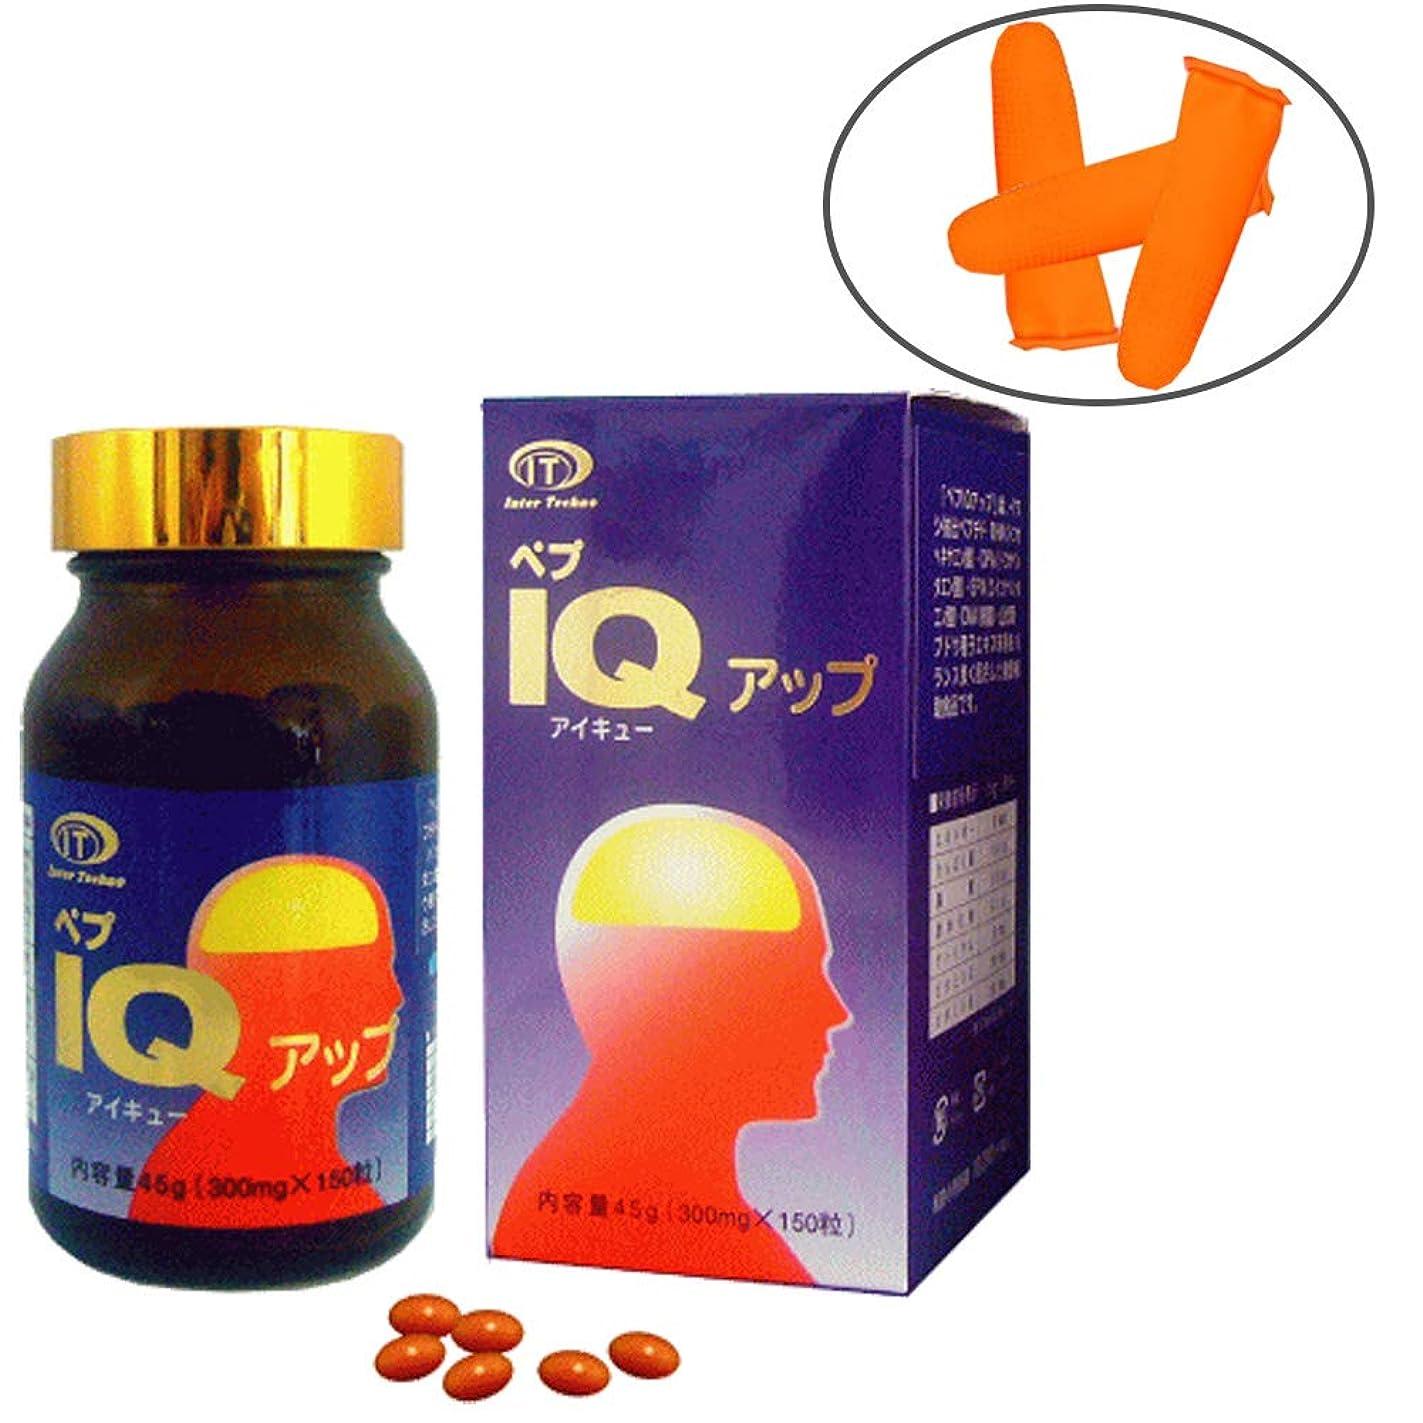 バレル正規化いたずらな疲労回復 サプリメント dha epa サプリメント 健脳食品 150粒 30日分 DHA 認知症防止 体内から健康に やる気出る オリジナルプレゼント付